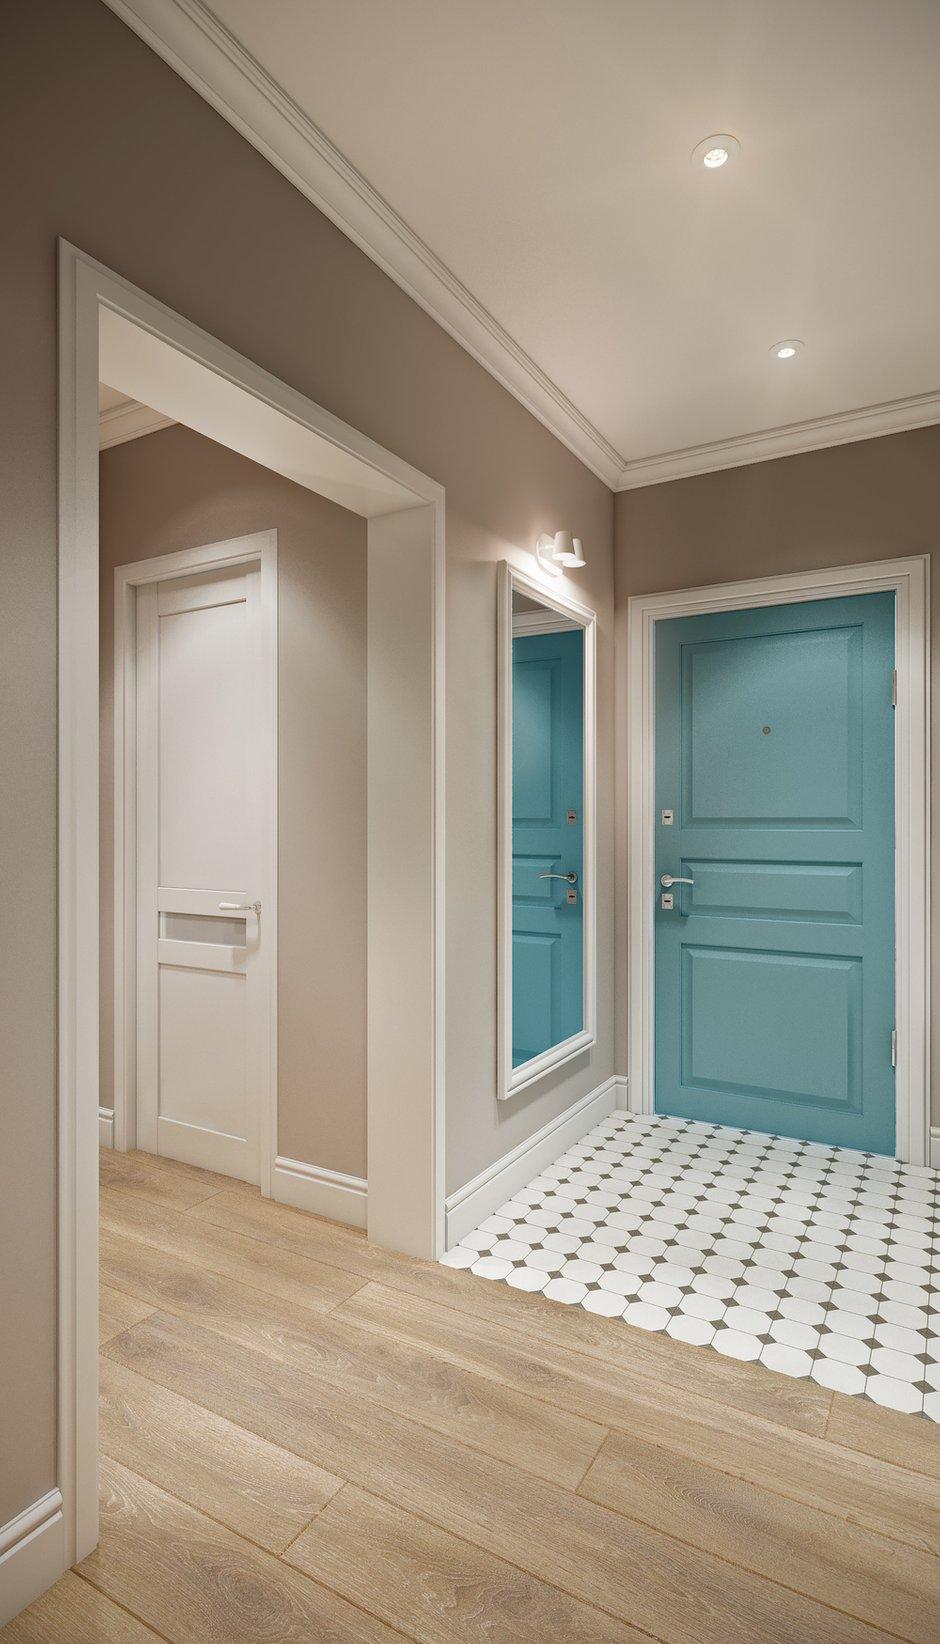 Фотография: Прихожая в стиле Современный, Квартира, Проект недели, Co:Interior, Монолитный дом, 2 комнаты, 60-90 метров, Южно-Сахалинск – фото на INMYROOM